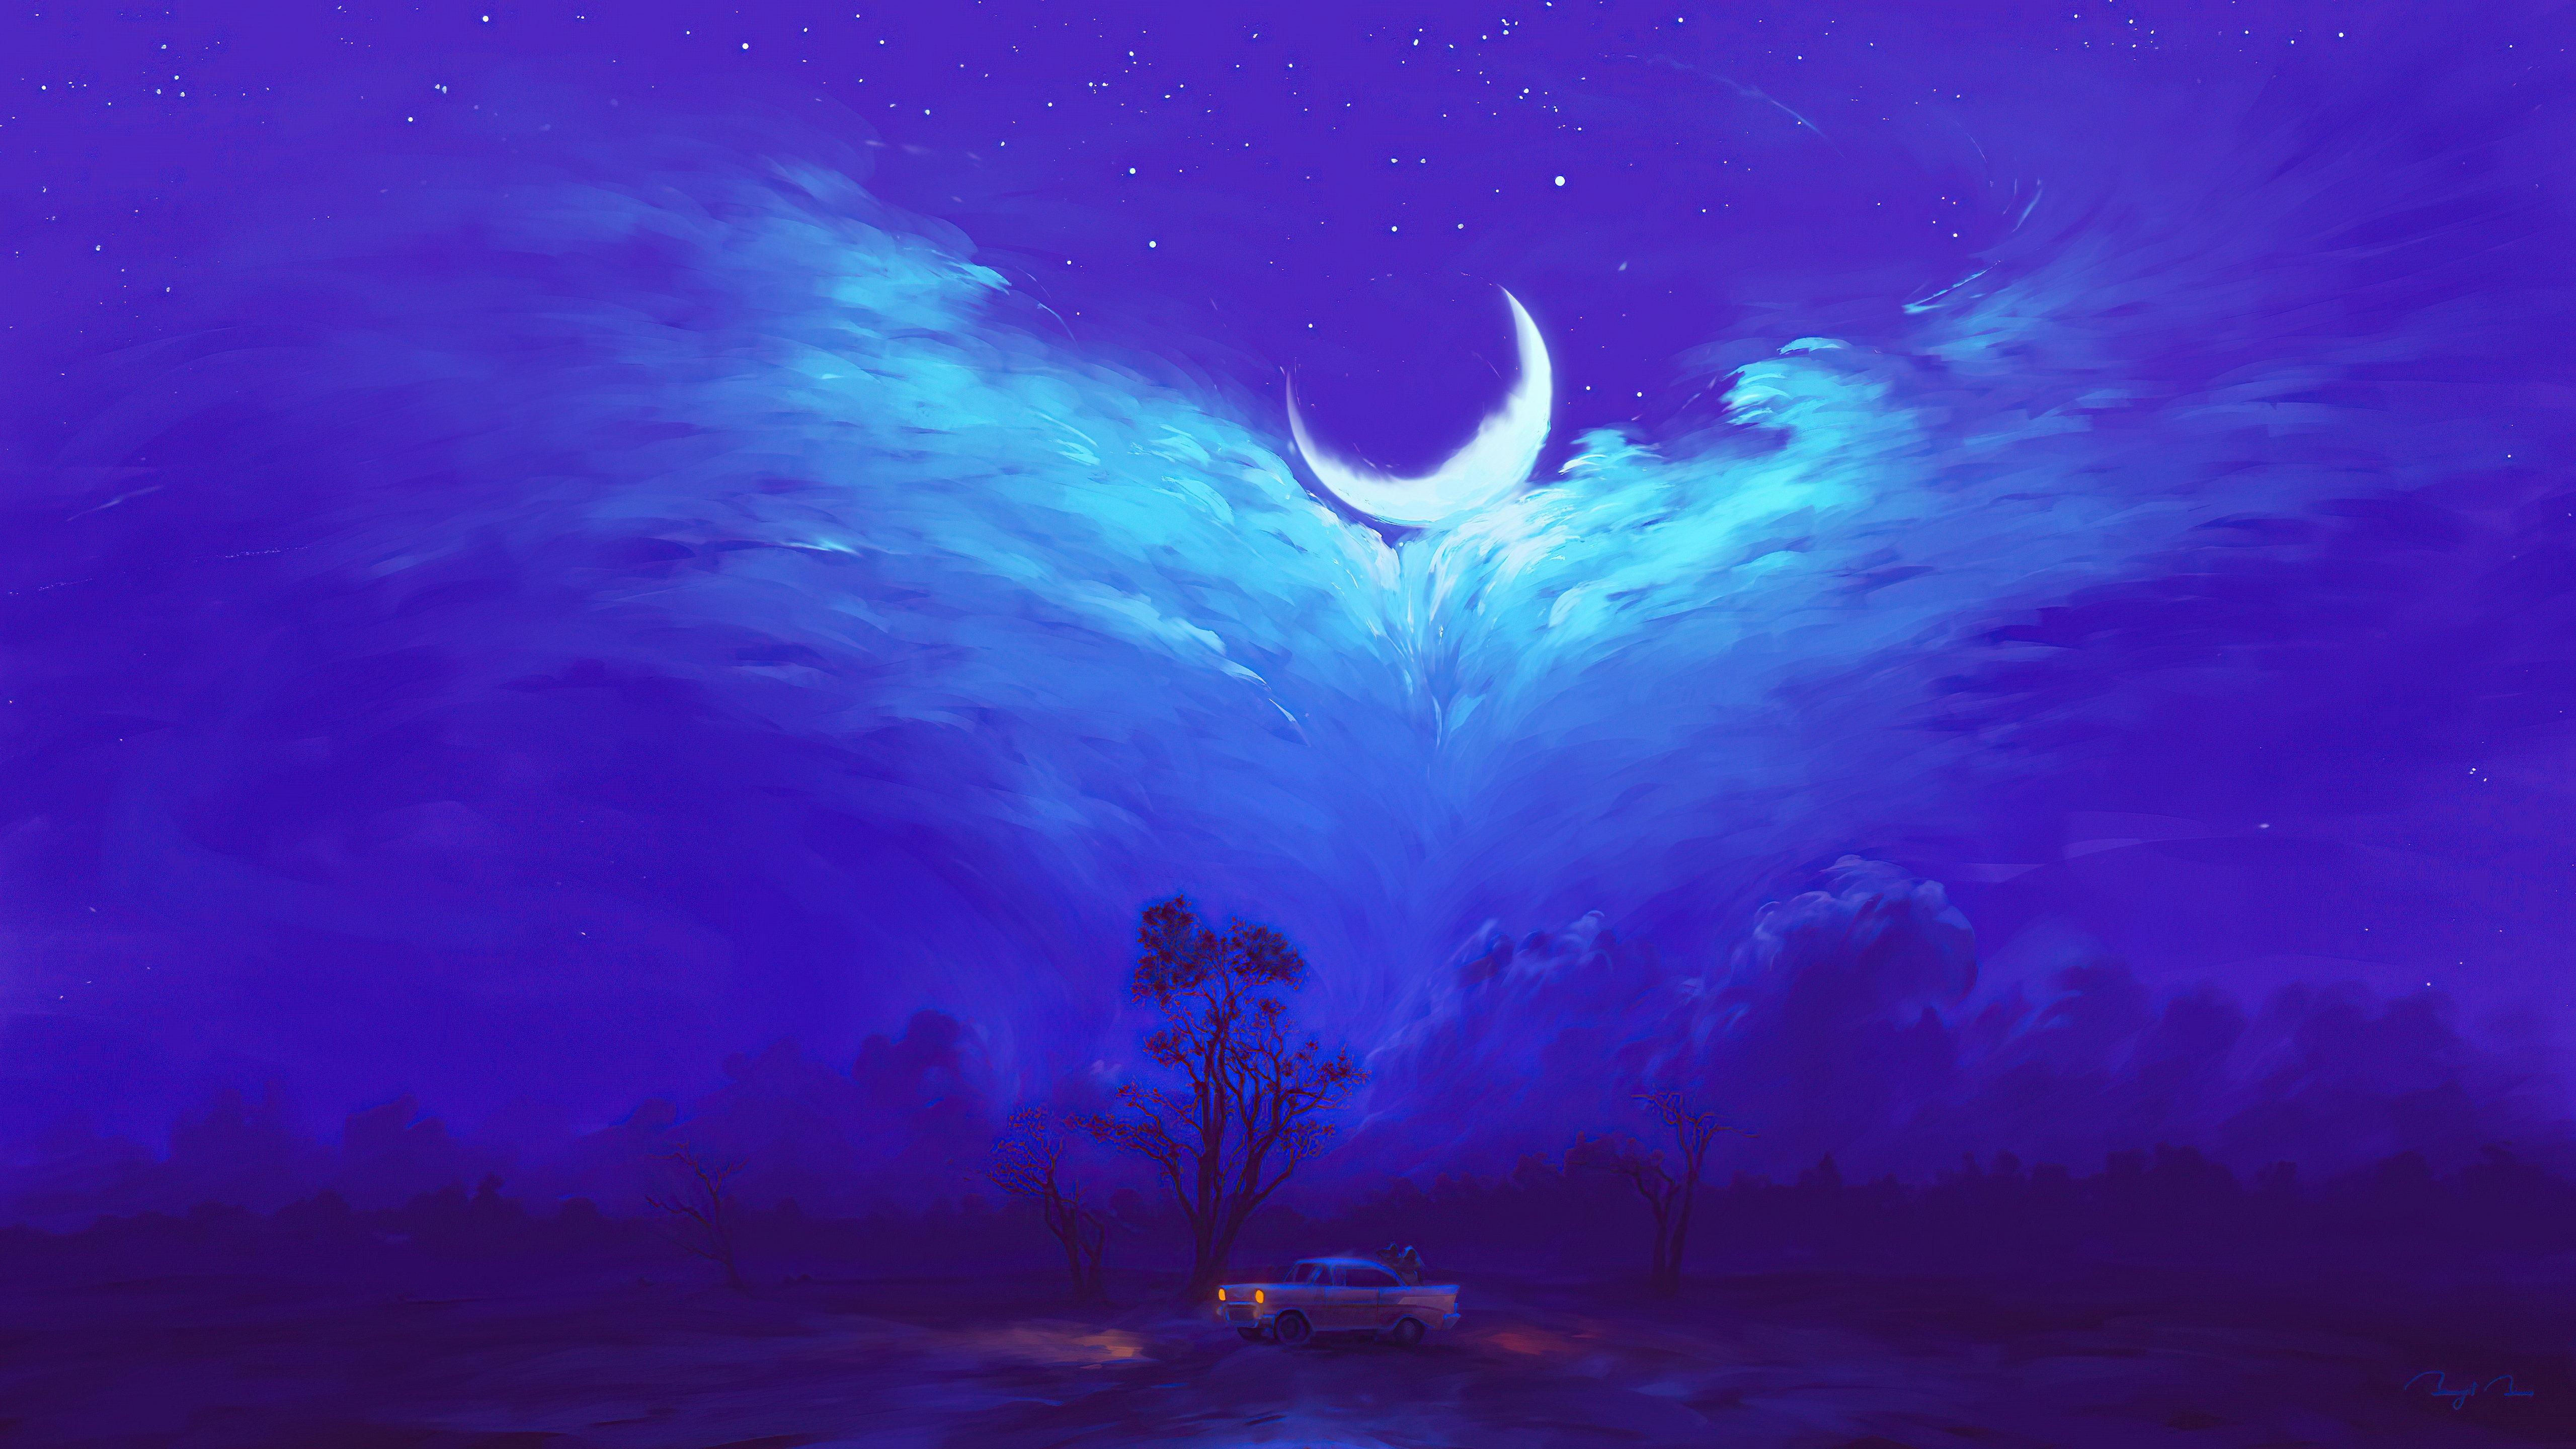 Fondos de pantalla La luna entre llamarada Arte Digital